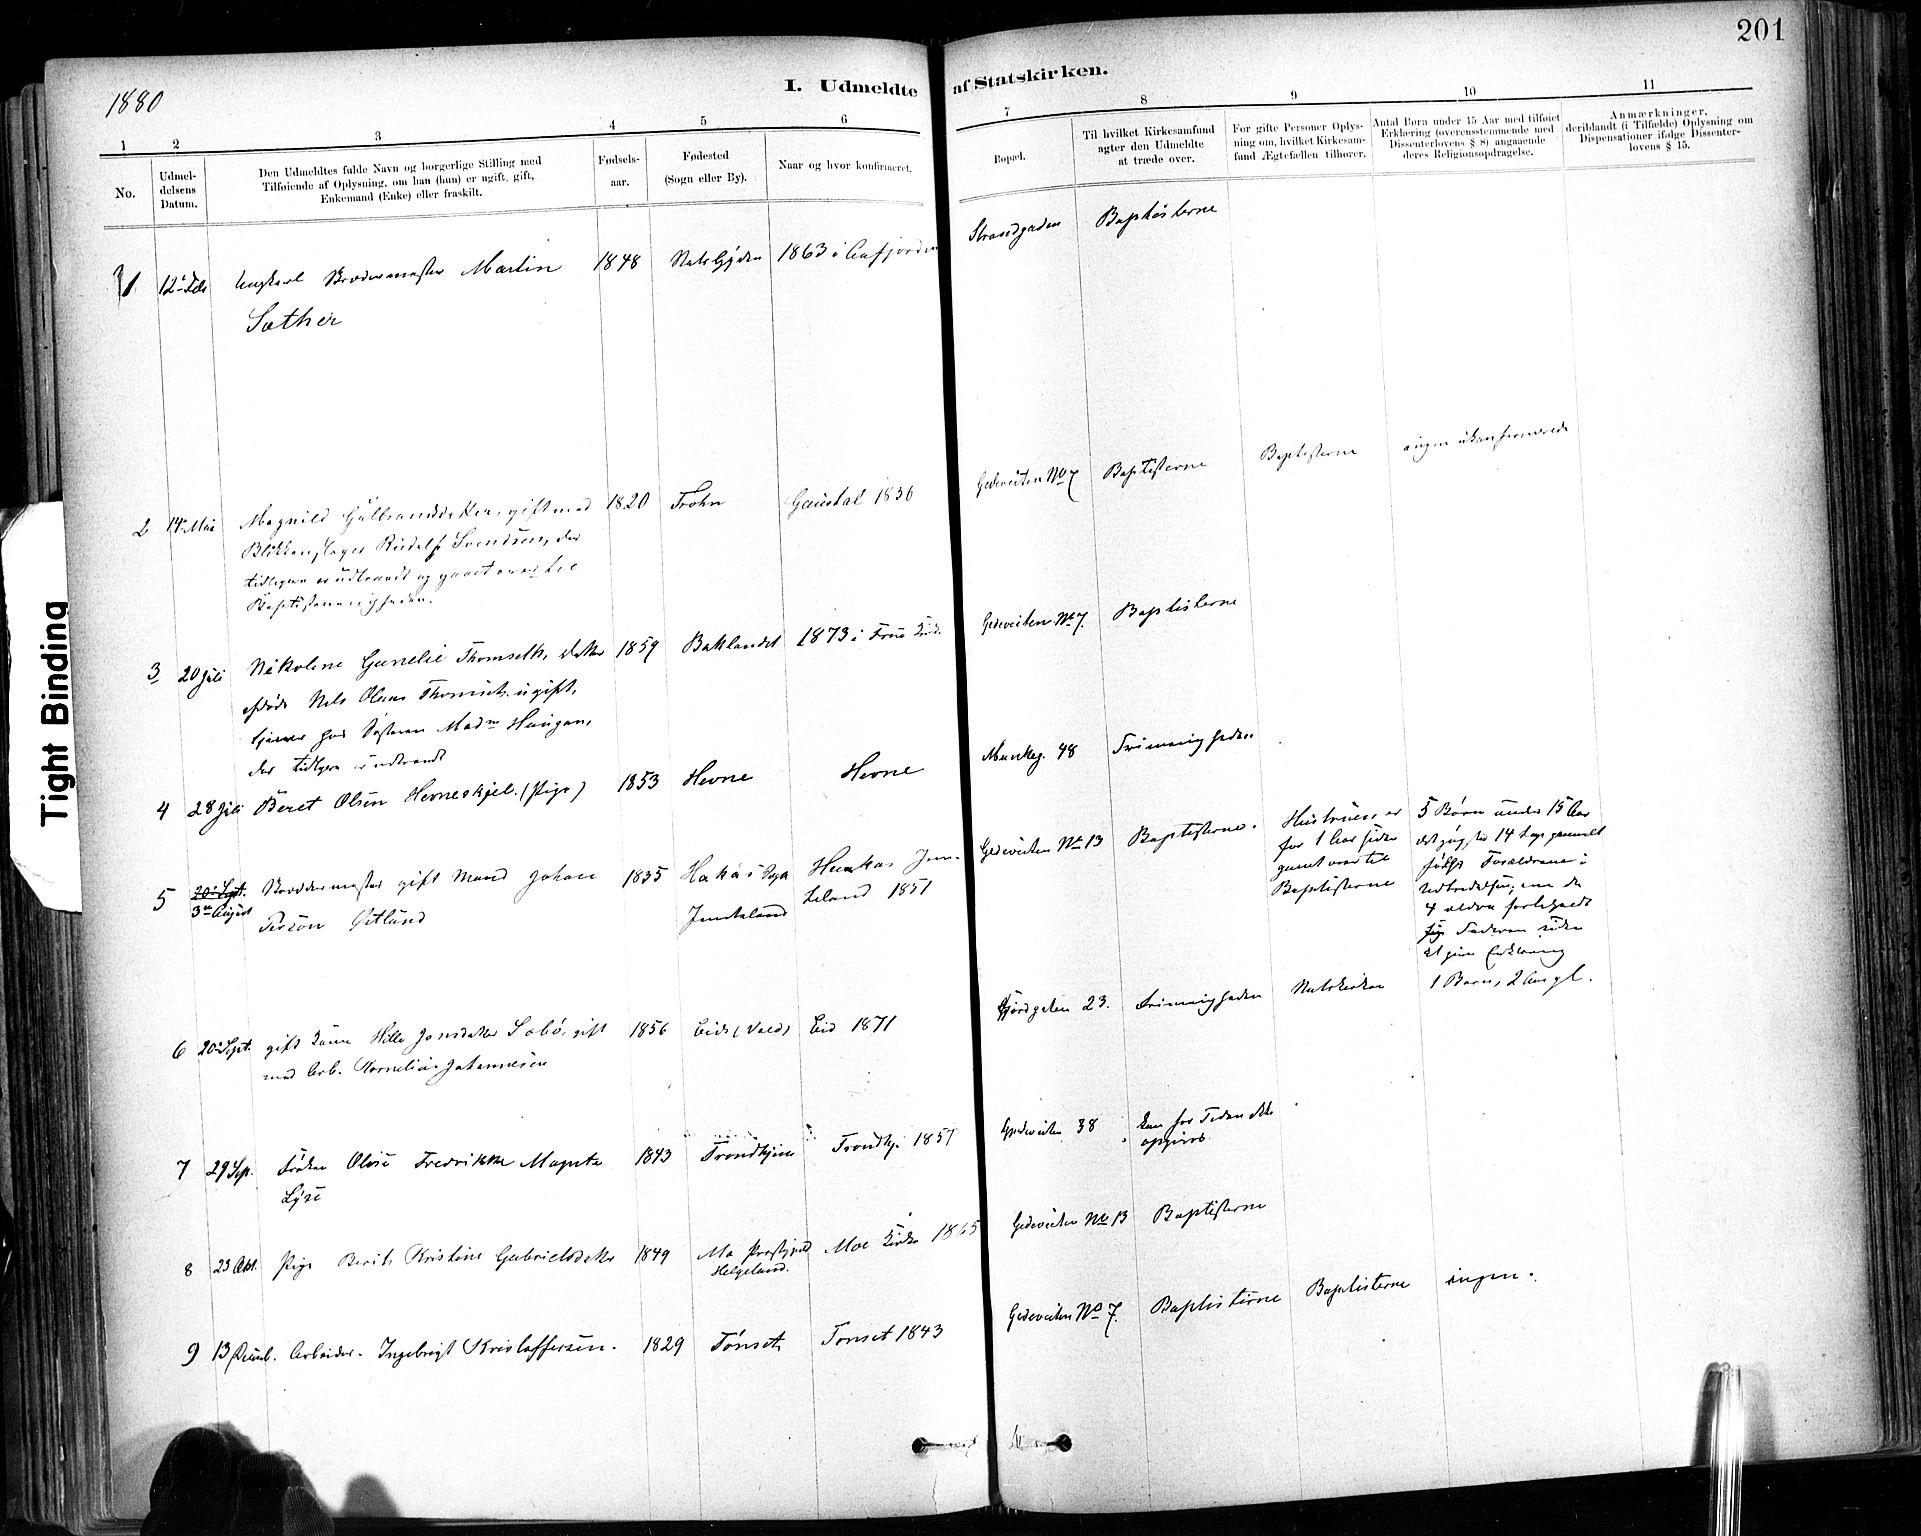 SAT, Ministerialprotokoller, klokkerbøker og fødselsregistre - Sør-Trøndelag, 602/L0120: Ministerialbok nr. 602A18, 1880-1913, s. 201